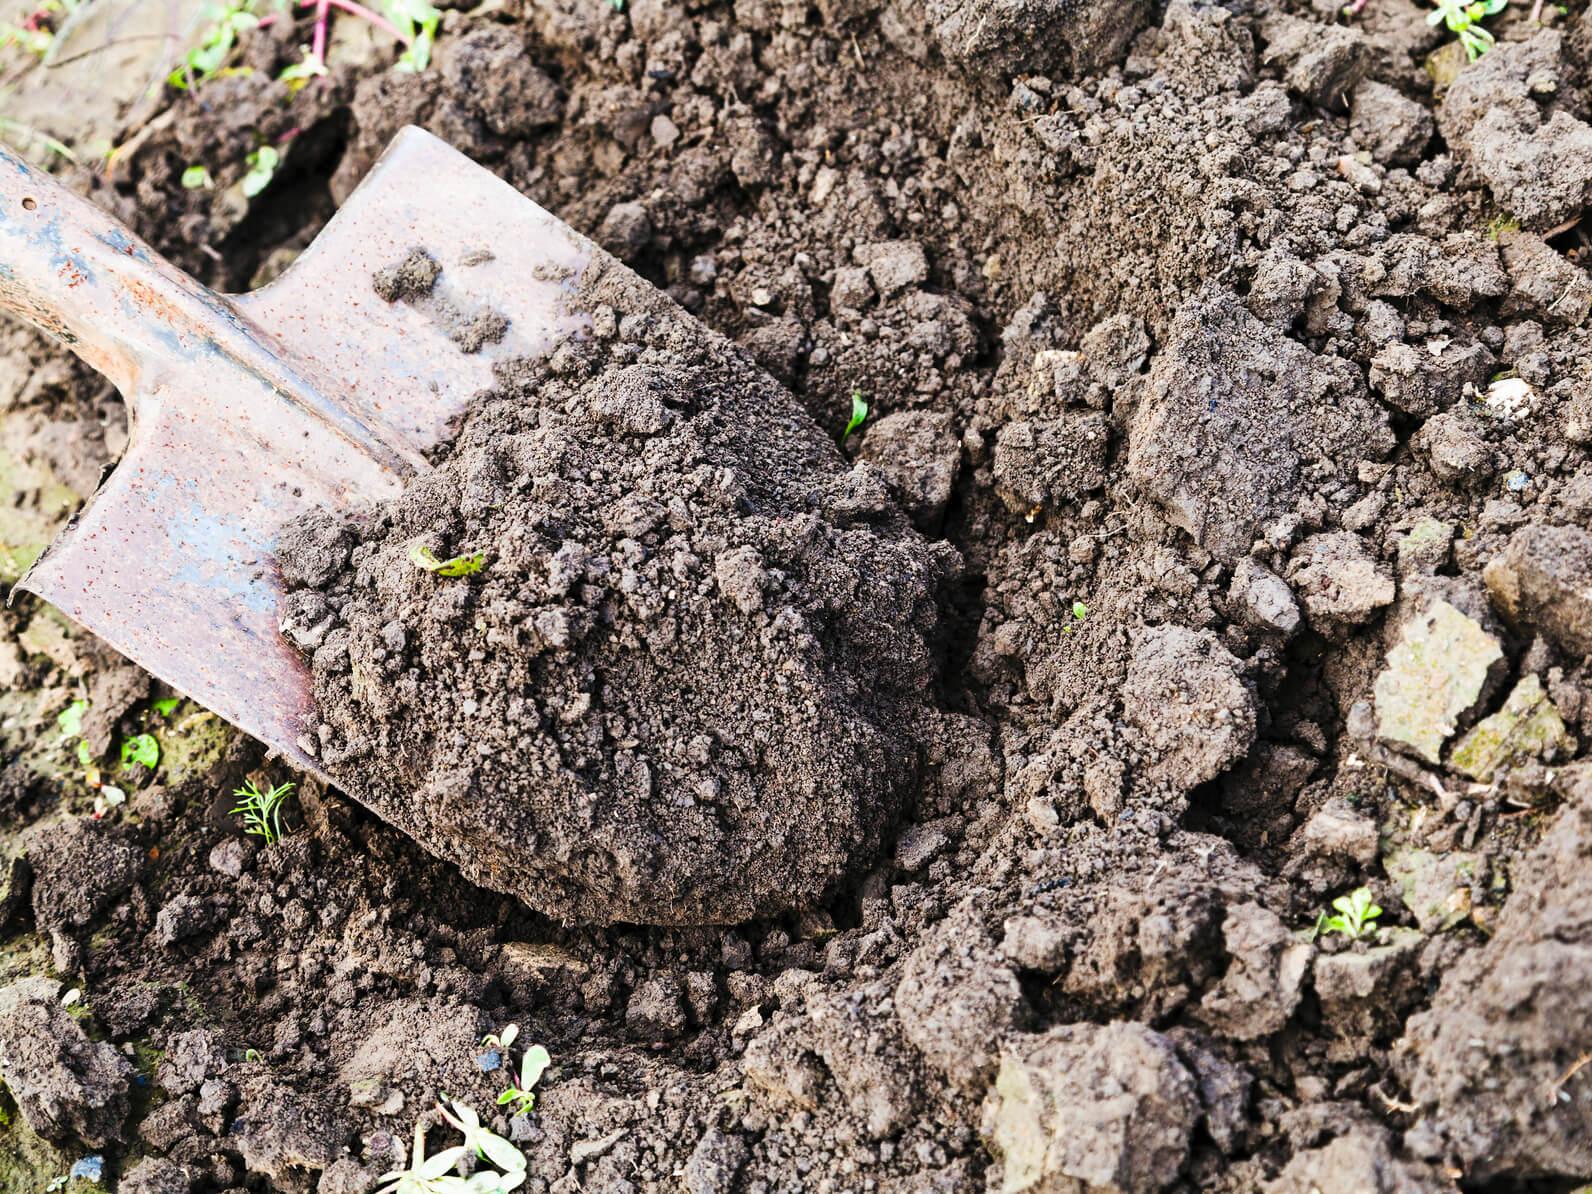 Лопата: это незаменимый инструмент для копания земли